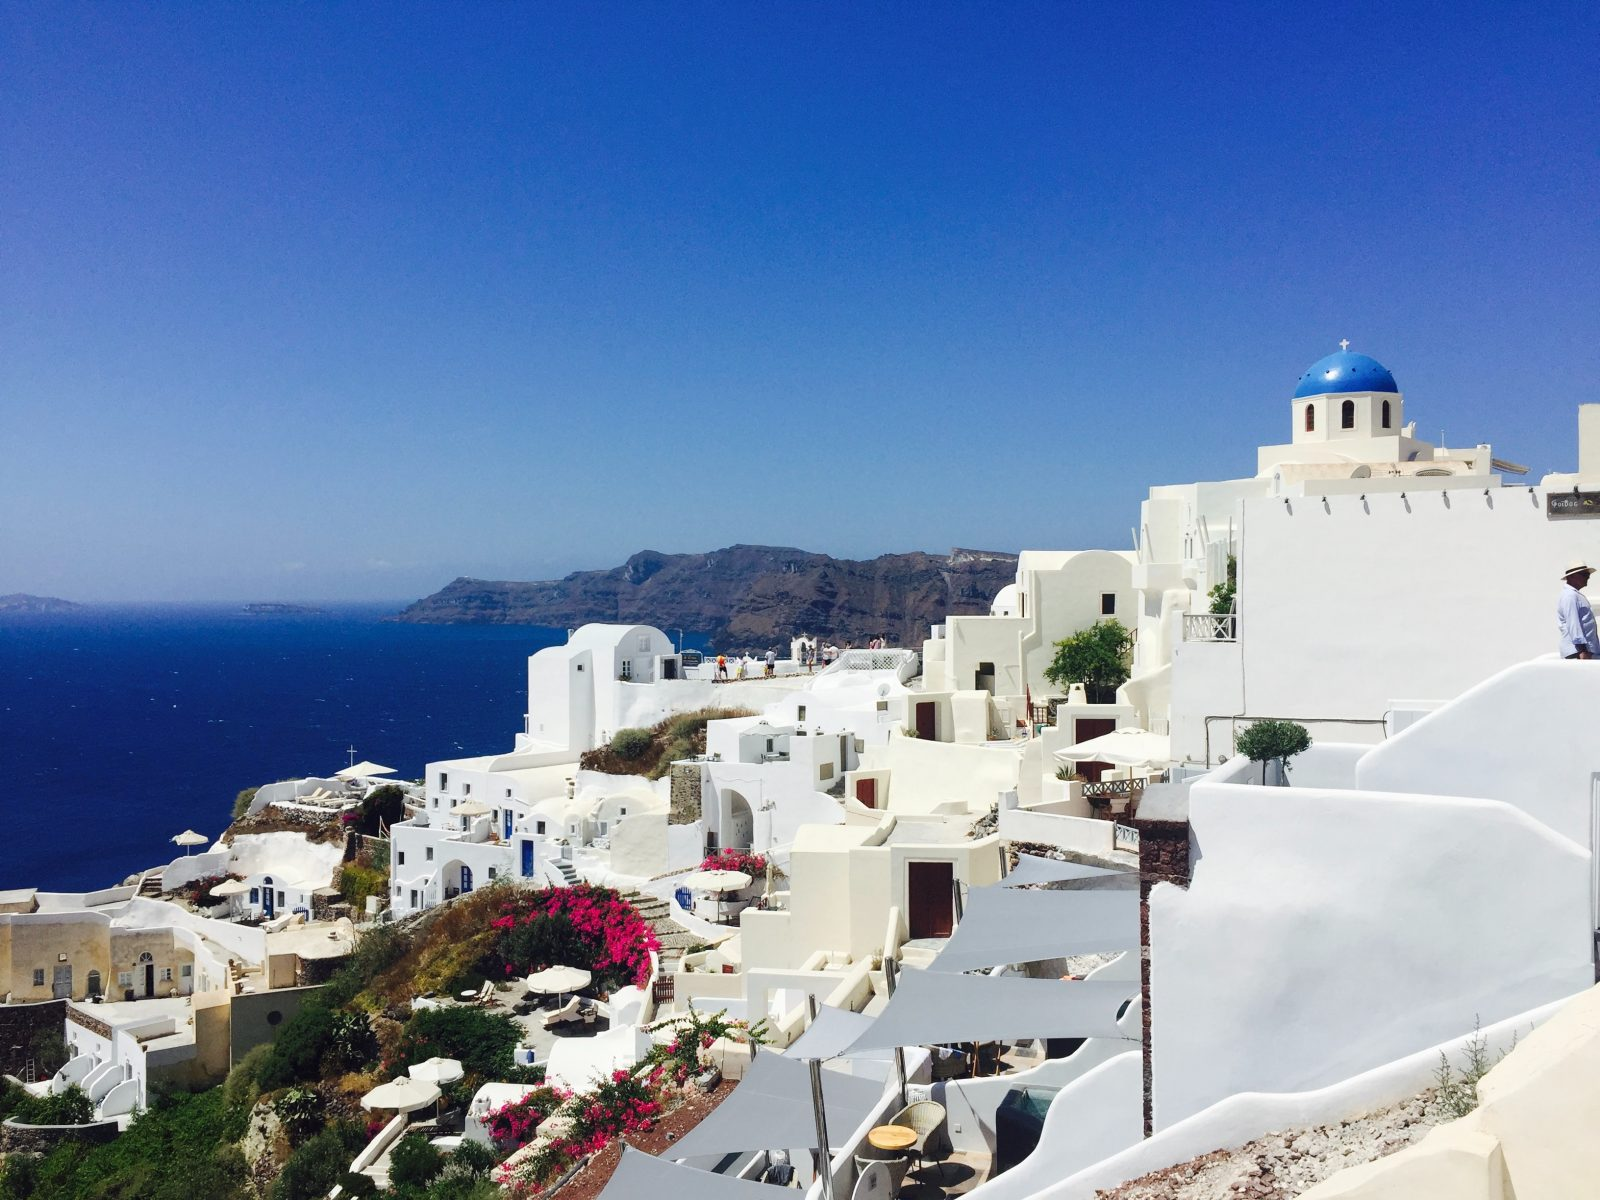 Grcka hoteli, Halkidiki hoteli, Tasos hoteli, letovanje Grcka, leto Grčka, ostrva grcka, last minute, rane rezervacije